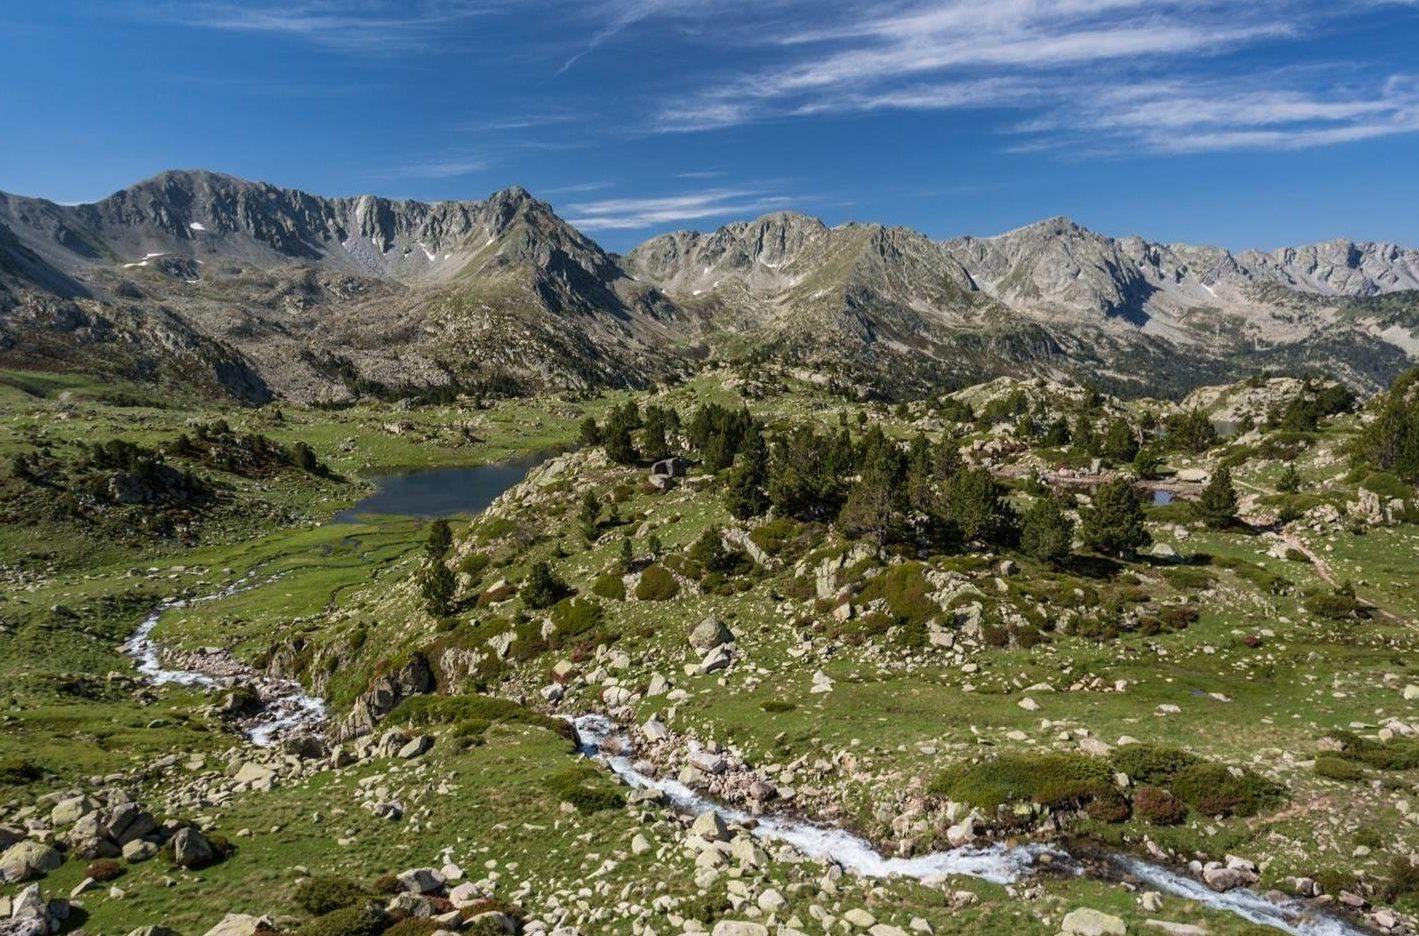 parquenaturalmadriuperafitaclaror e1590511333373 - Madriu-Perafita-Claror Natural Park-Andorra